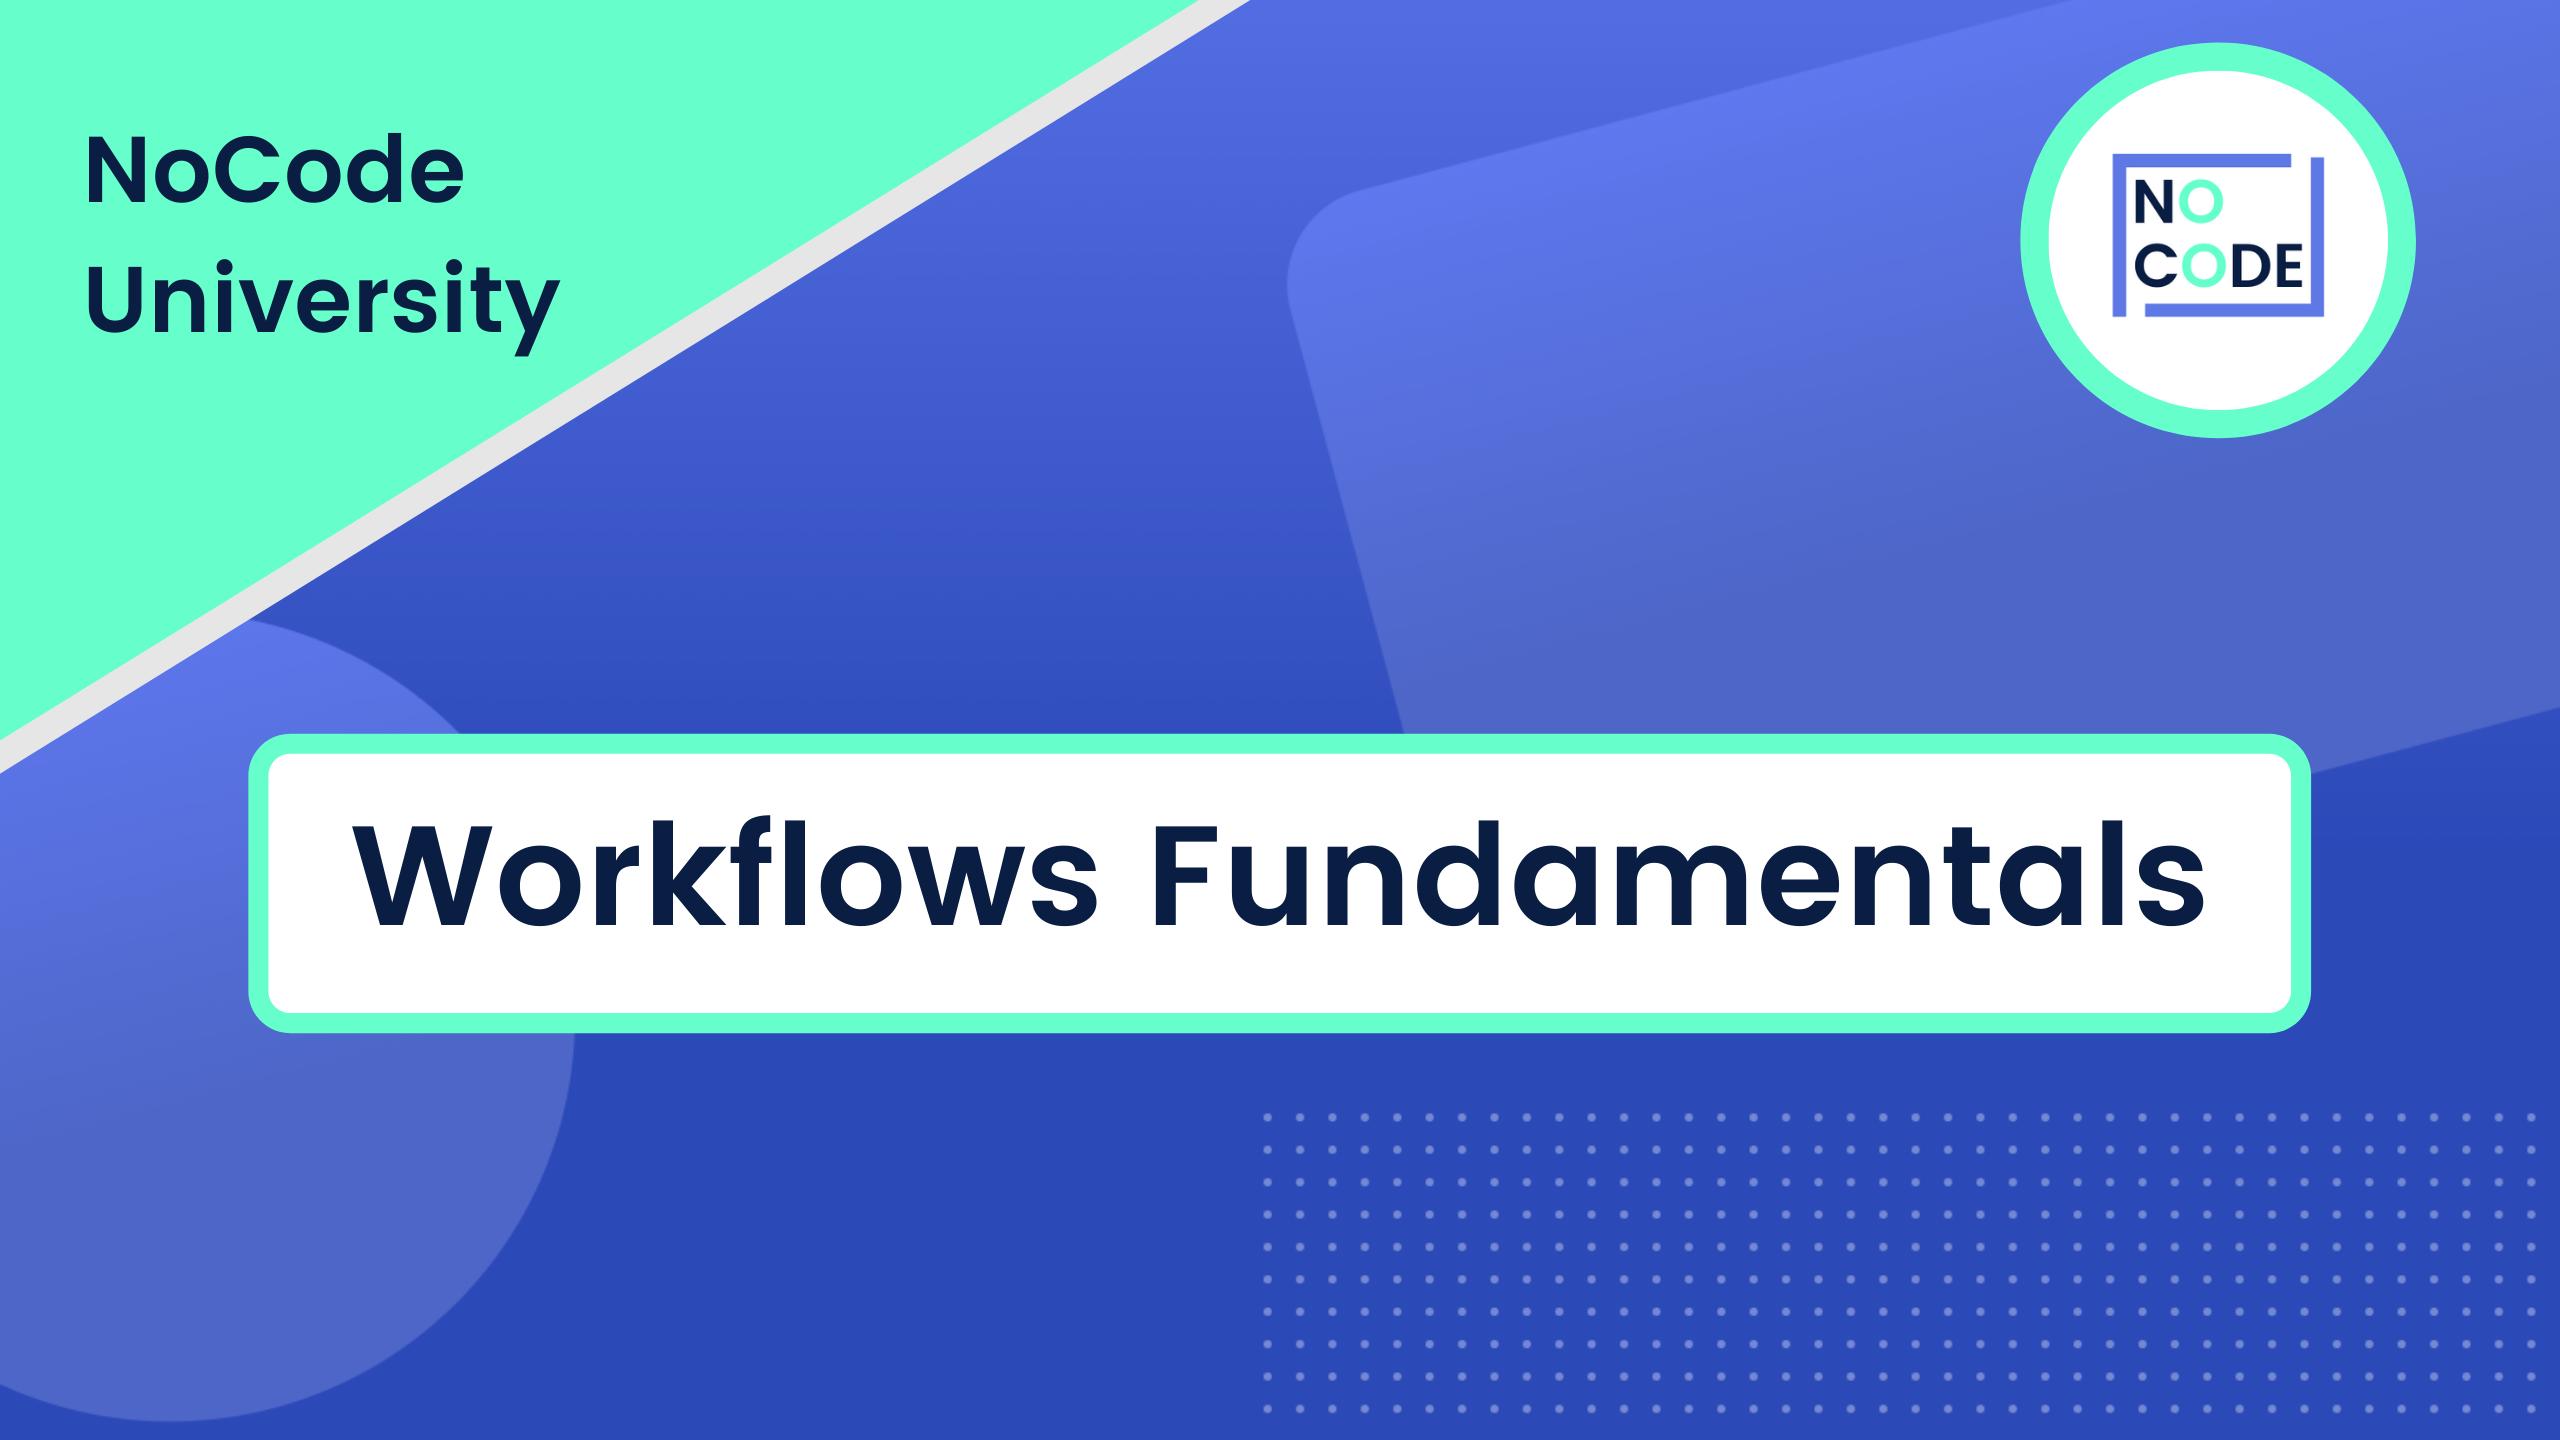 Workflows Fundamentals